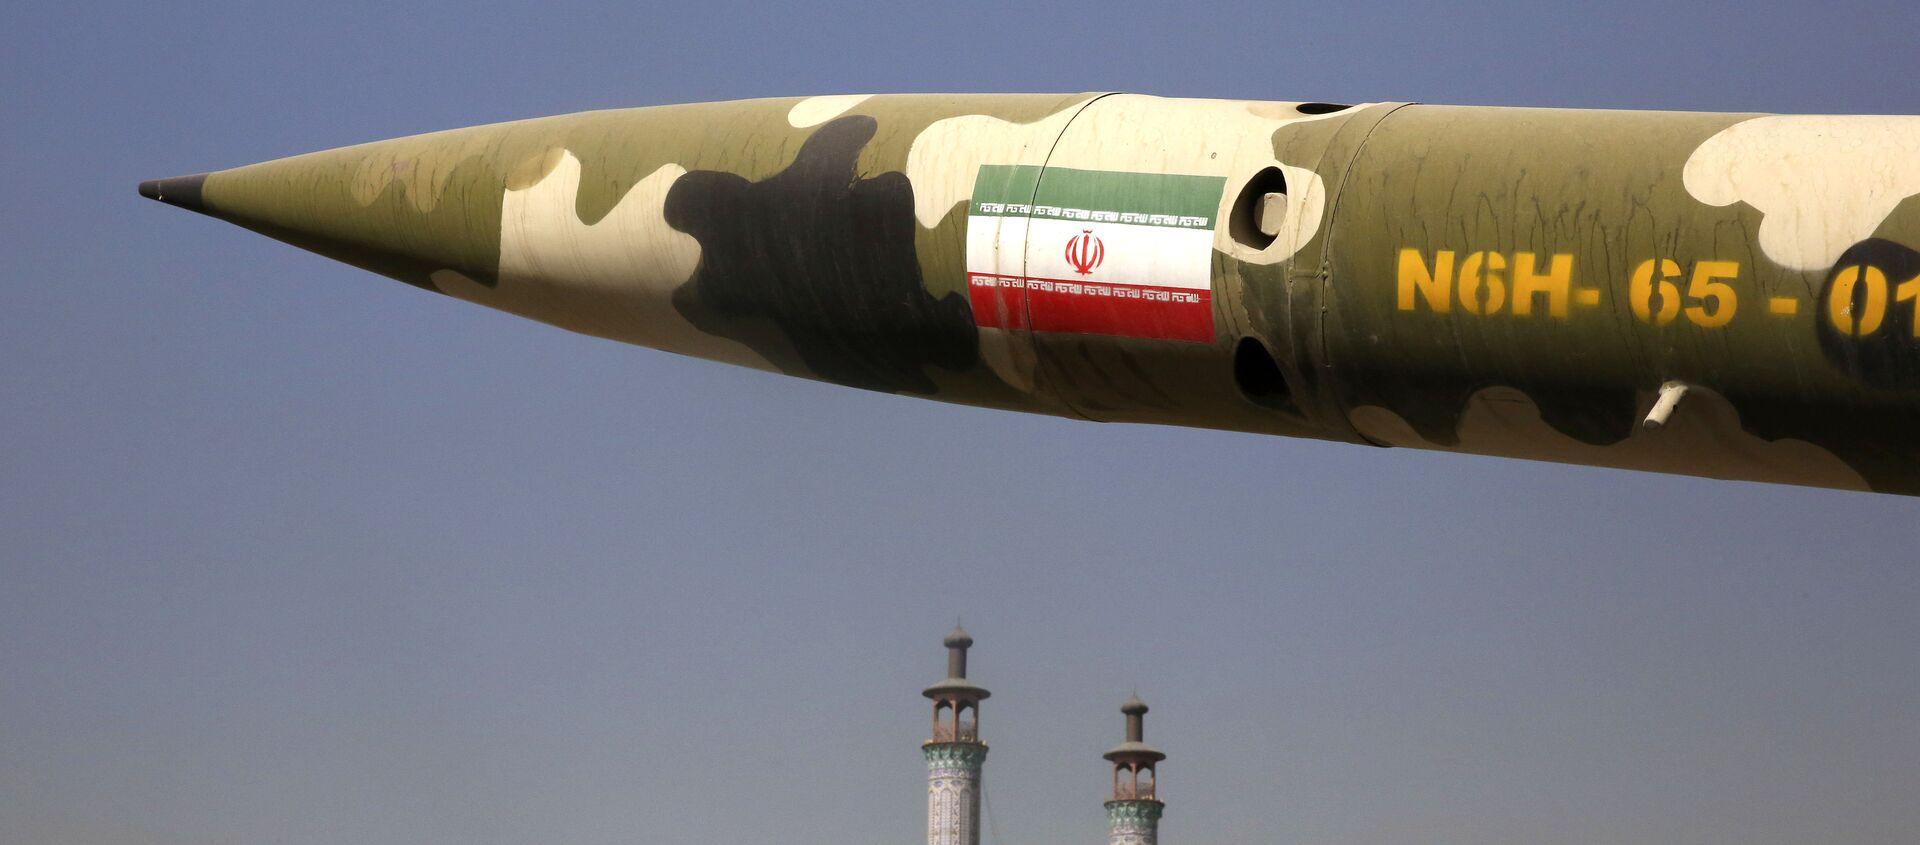 Chương trình tên lửa của nước Iran - Sputnik Việt Nam, 1920, 02.12.2020